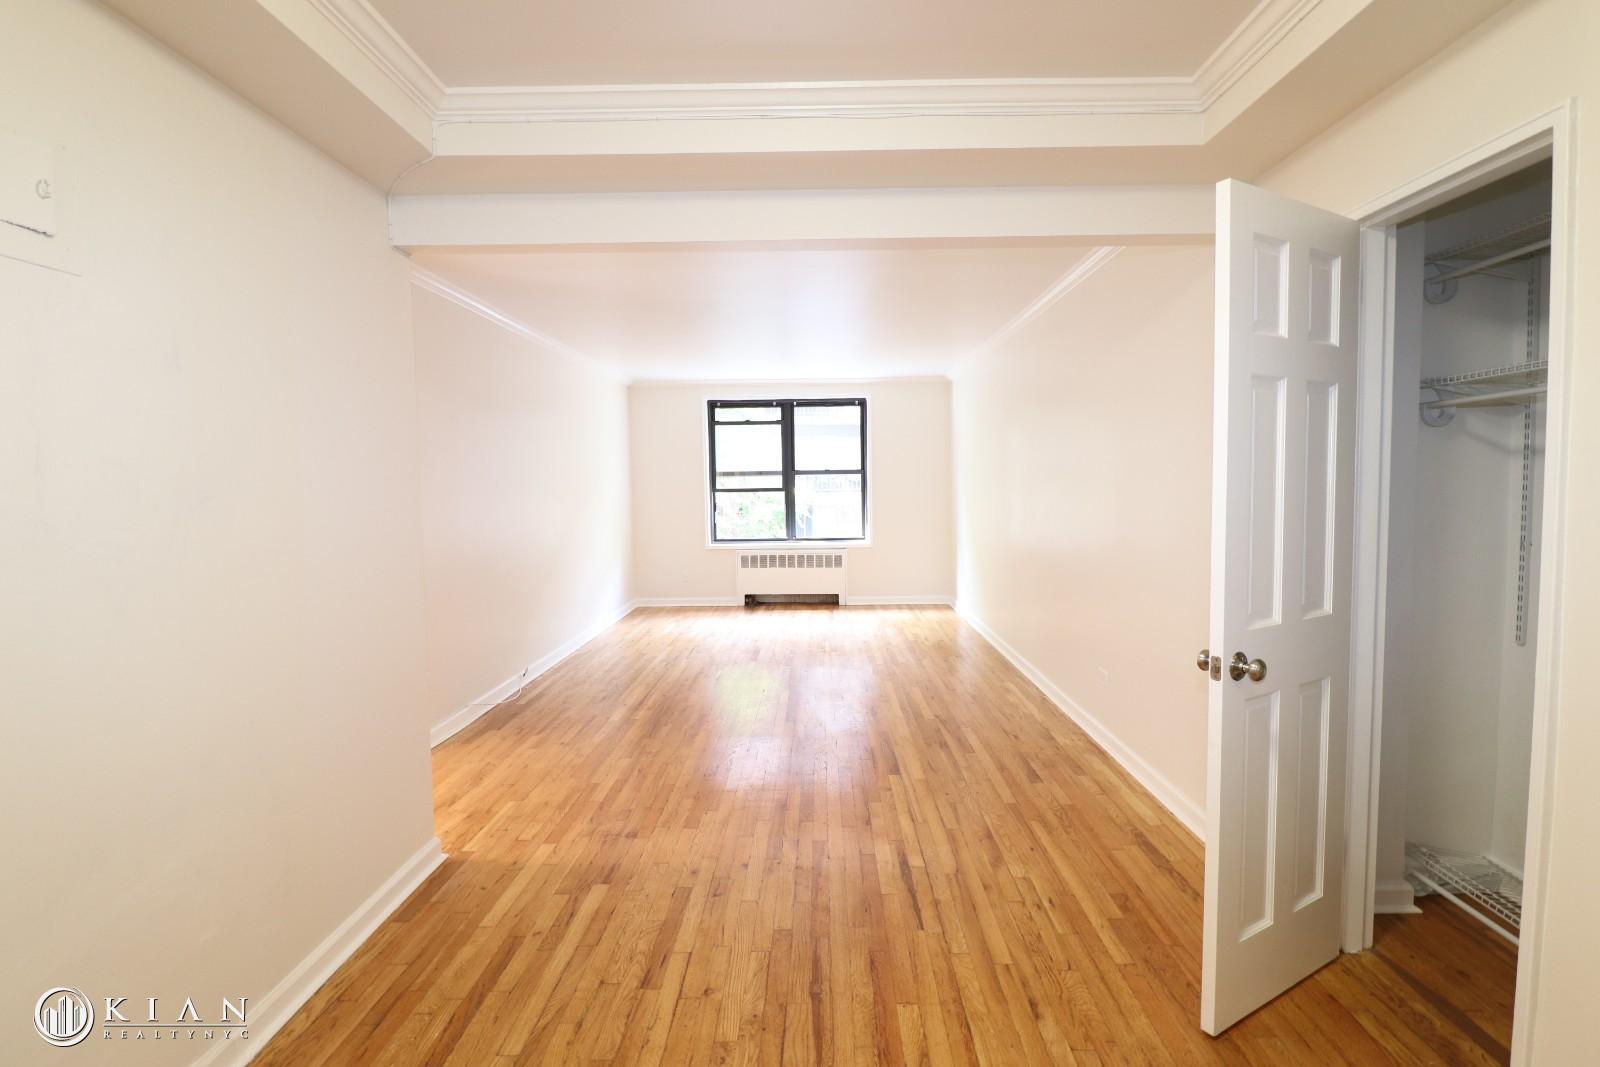 143-45 Sanford Avenue, Apt 45/203, Queens, New York 11355